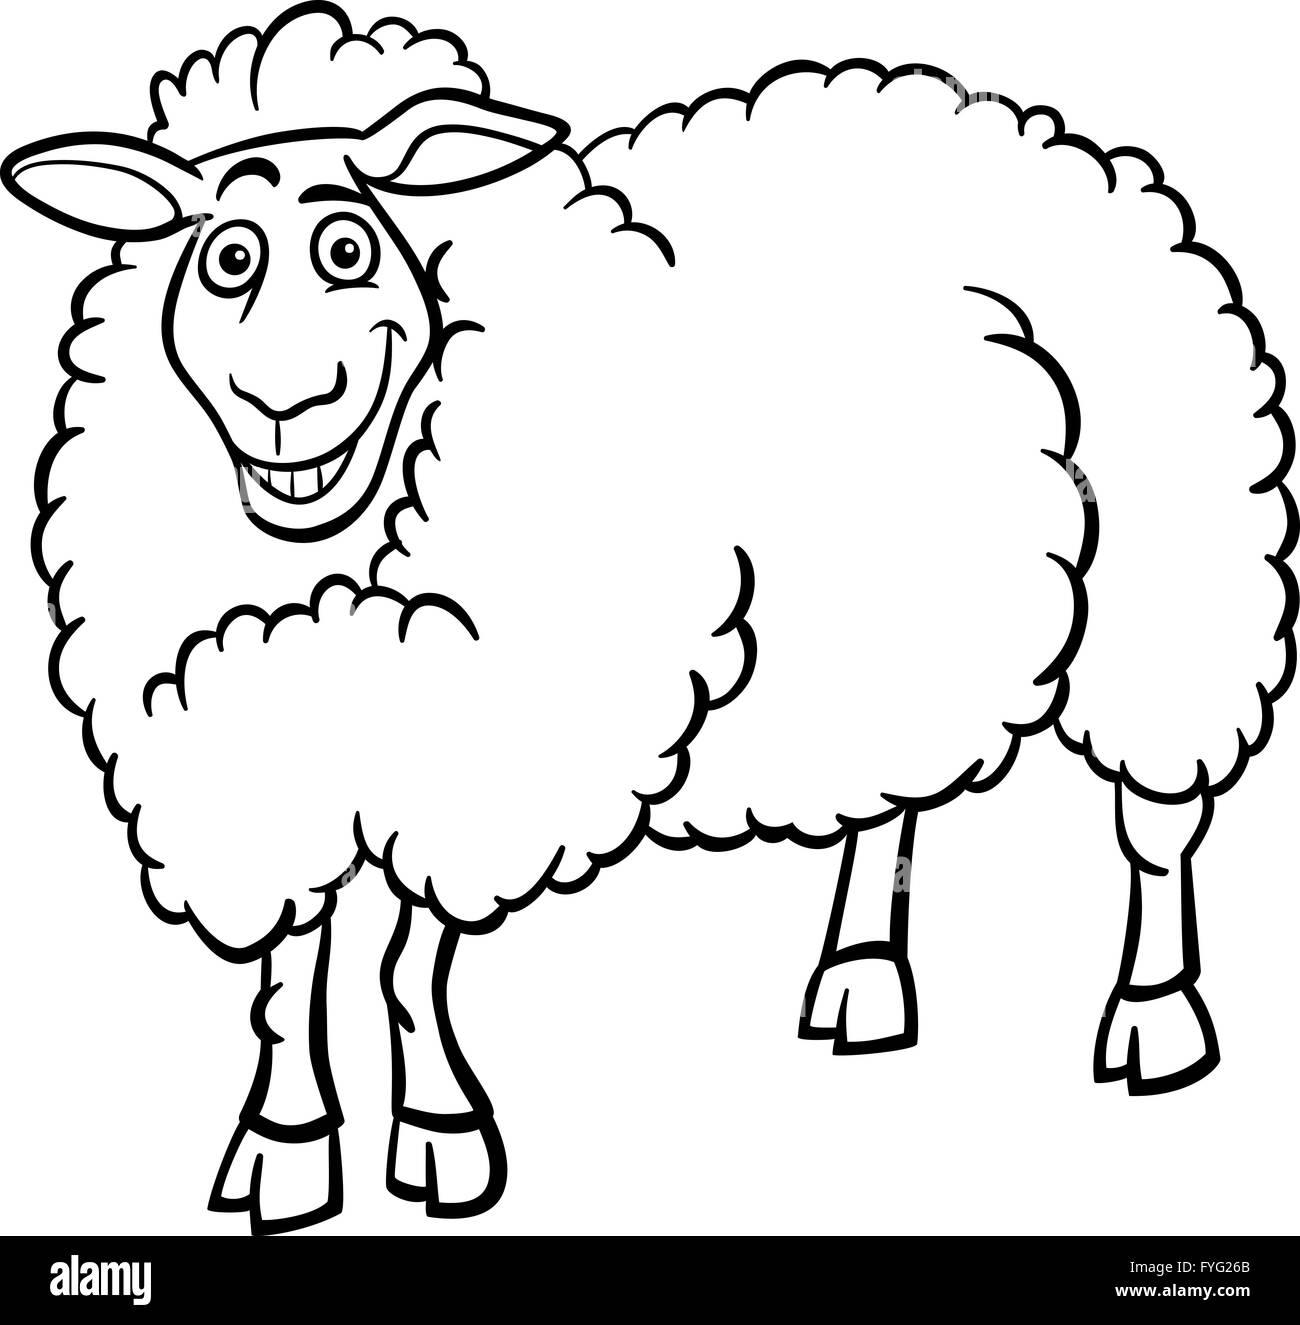 Les Moutons De La Ferme à Colorier Dessin Pour Banque D